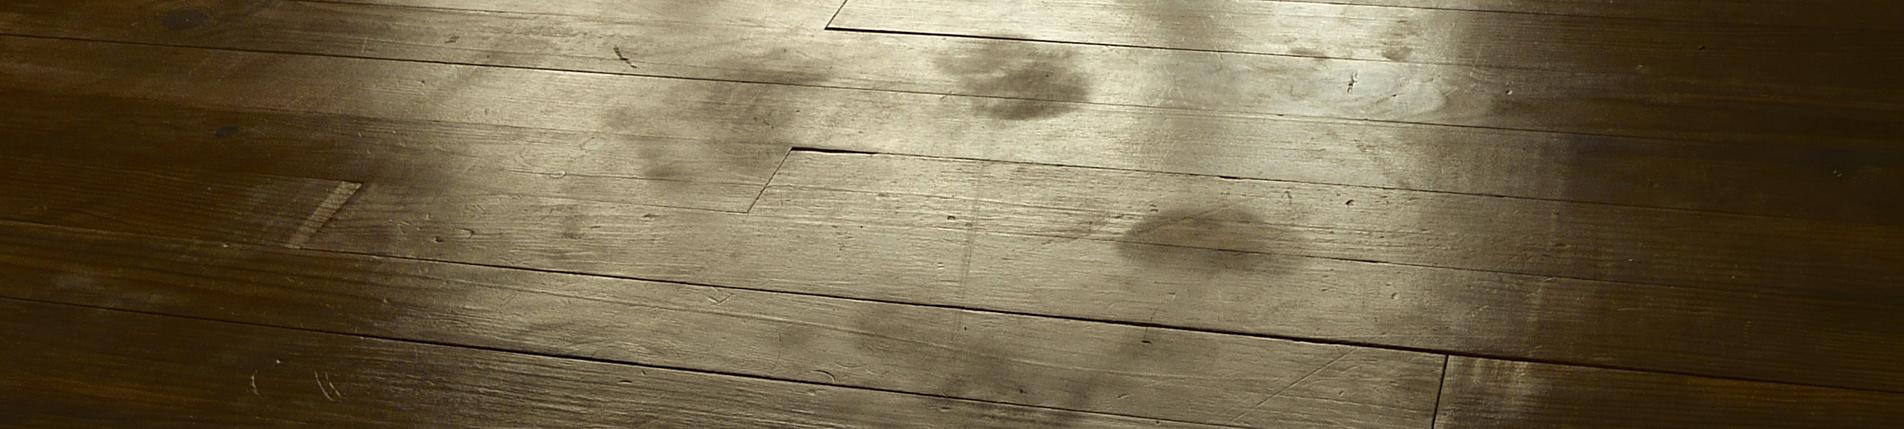 plancher avec empreintes